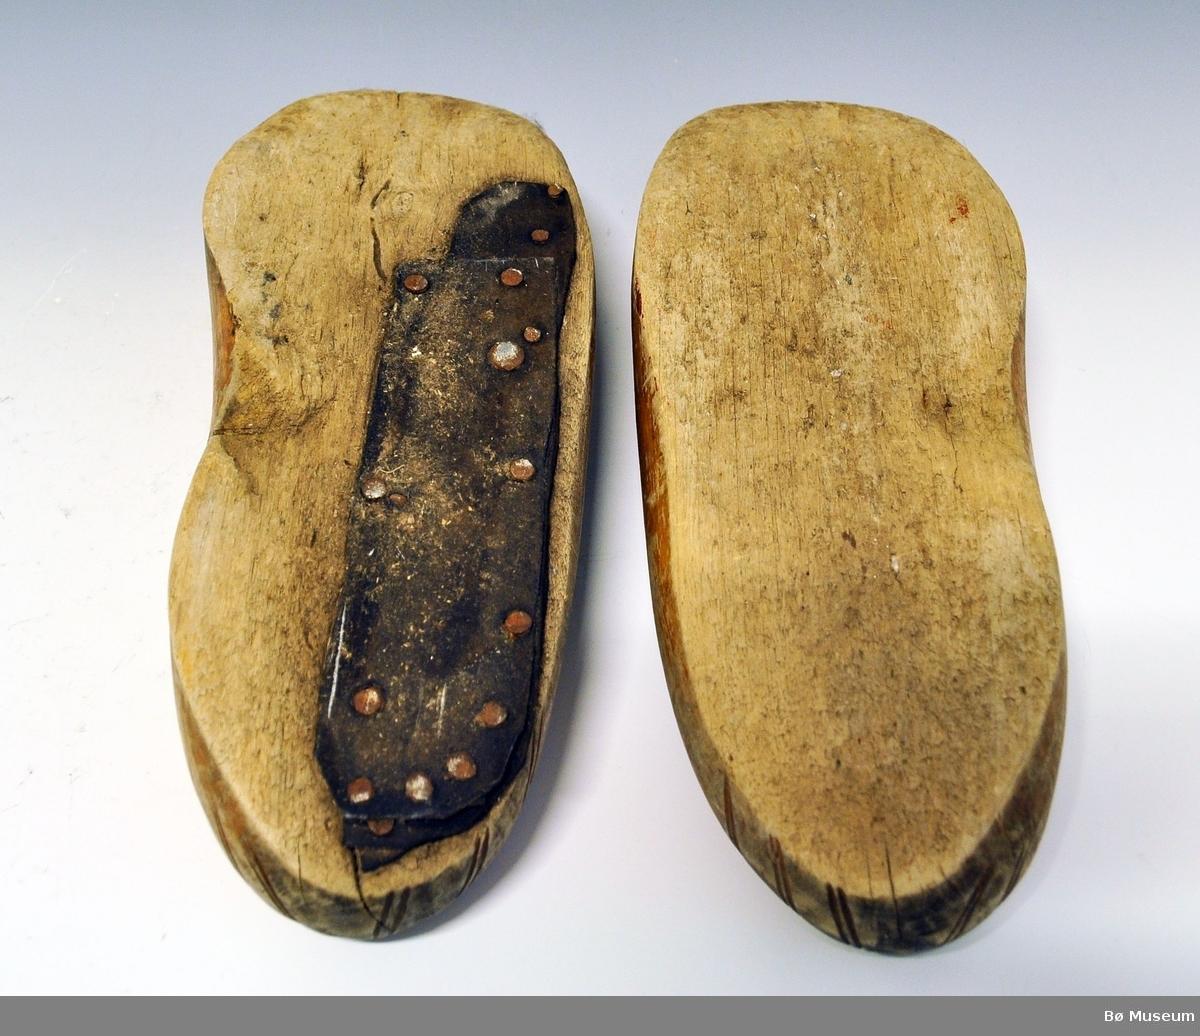 Ett par tresko A og B. Begge har  trebladsdekor på foten og er uten såle under. Tresko B er bygd opp på den ene siden med et stykke lær og festet med 15 stk metallnagler. Innvendig har A spor etter avispapir.